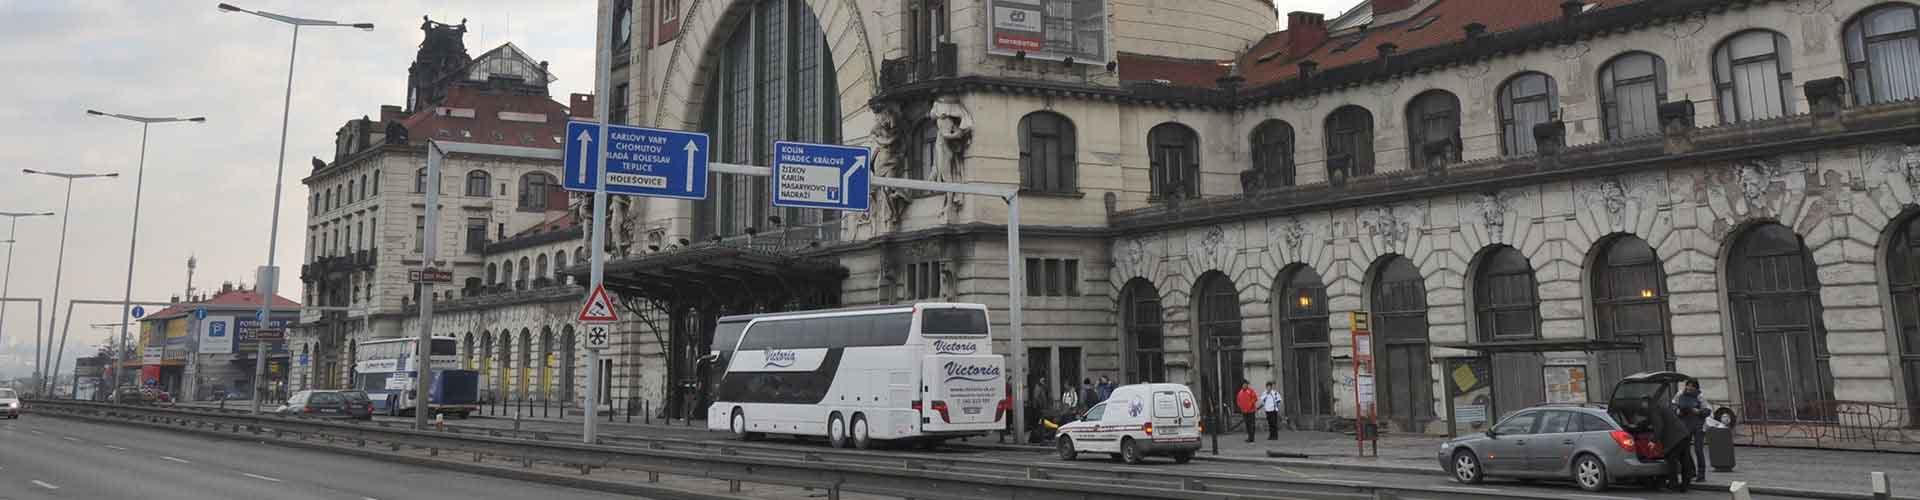 Praga - Hoteles baratos cerca a Estación de tren de Hlavní nádraží. Mapas de Praga, Fotos y comentarios de cada Hotel en Praga.